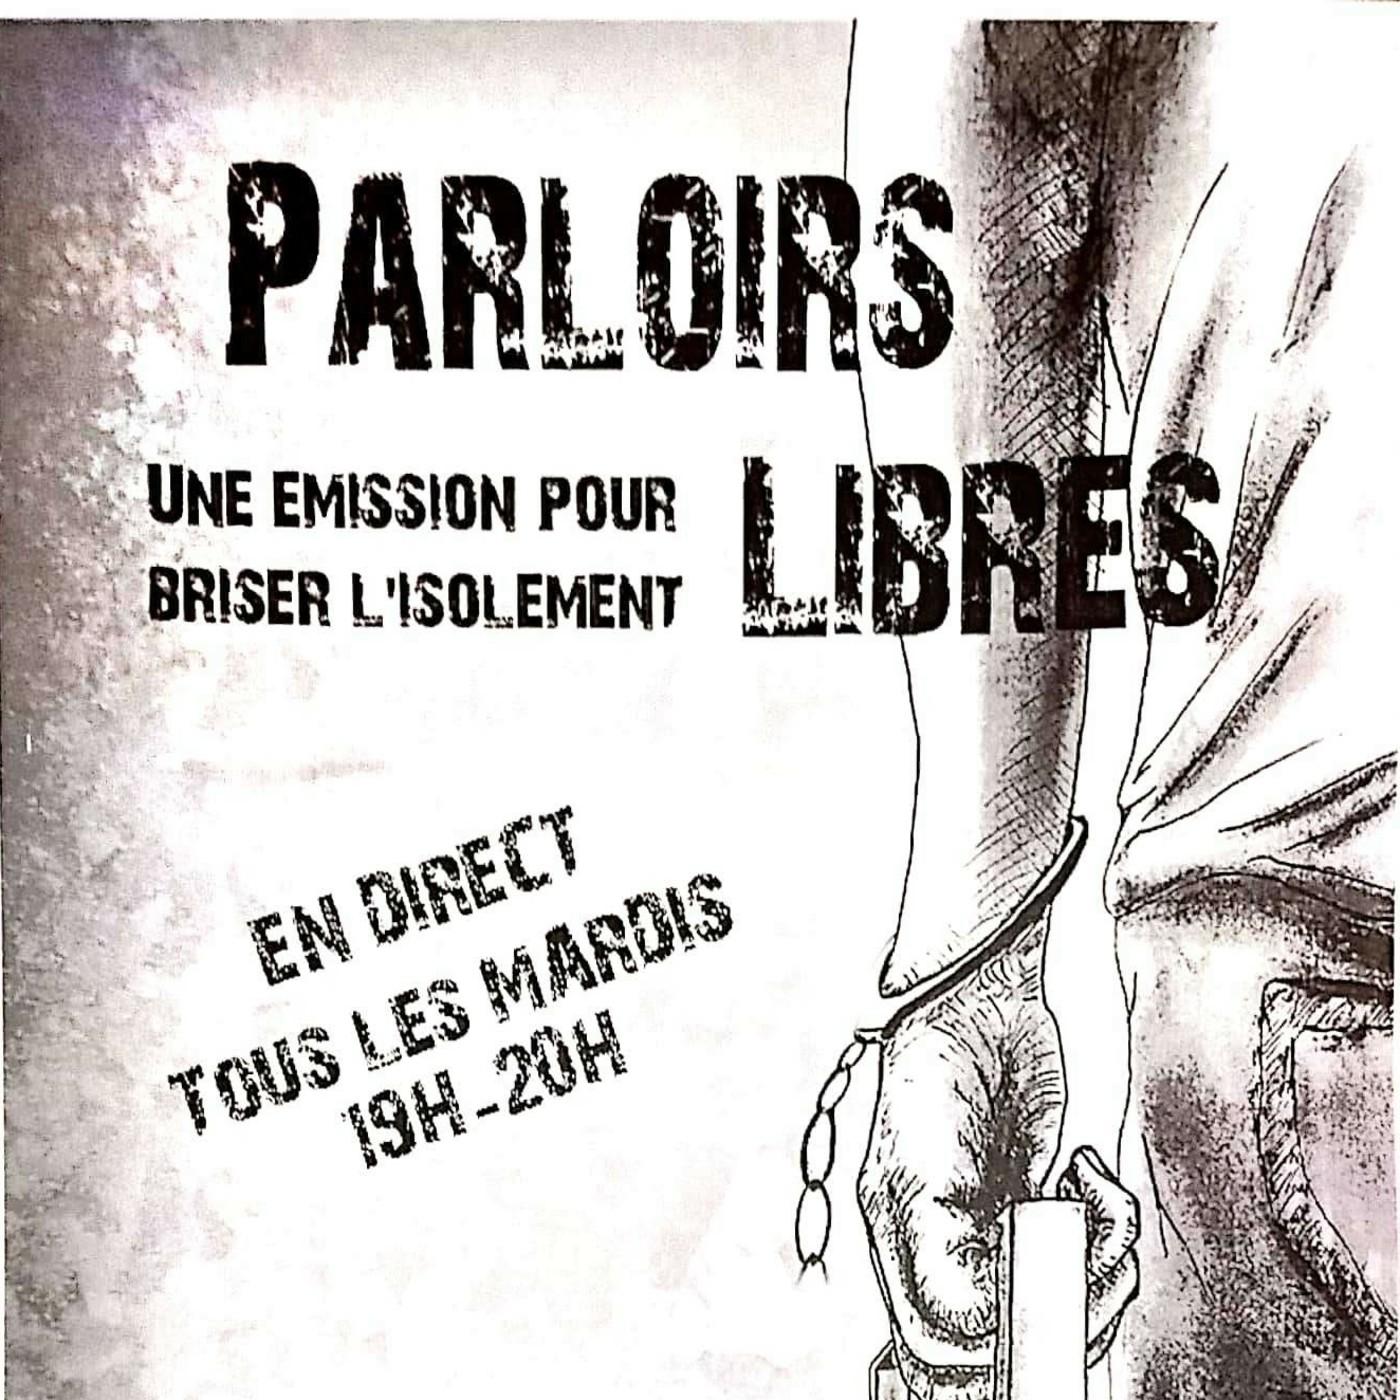 Emission Du 1 7 Decembre 2019 En Parloirs Libres En Mp323